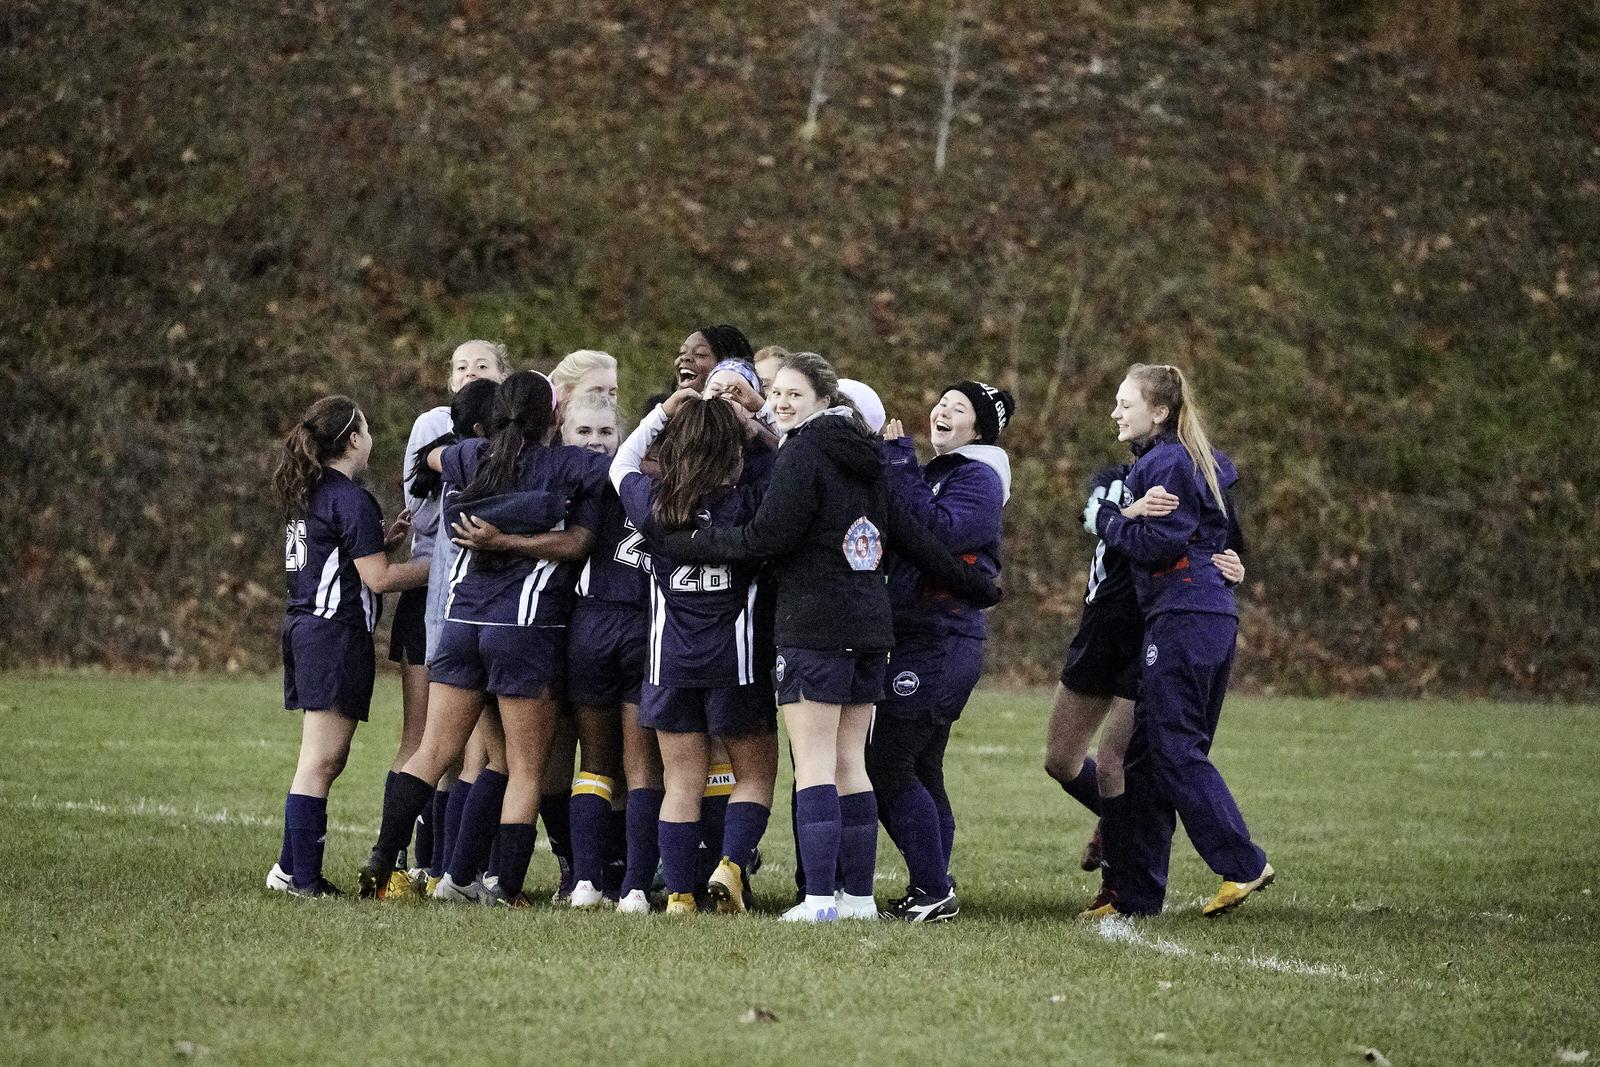 Girls Varsity Soccer vs. Eagle Hill School - October 30, 2018 139529.jpg